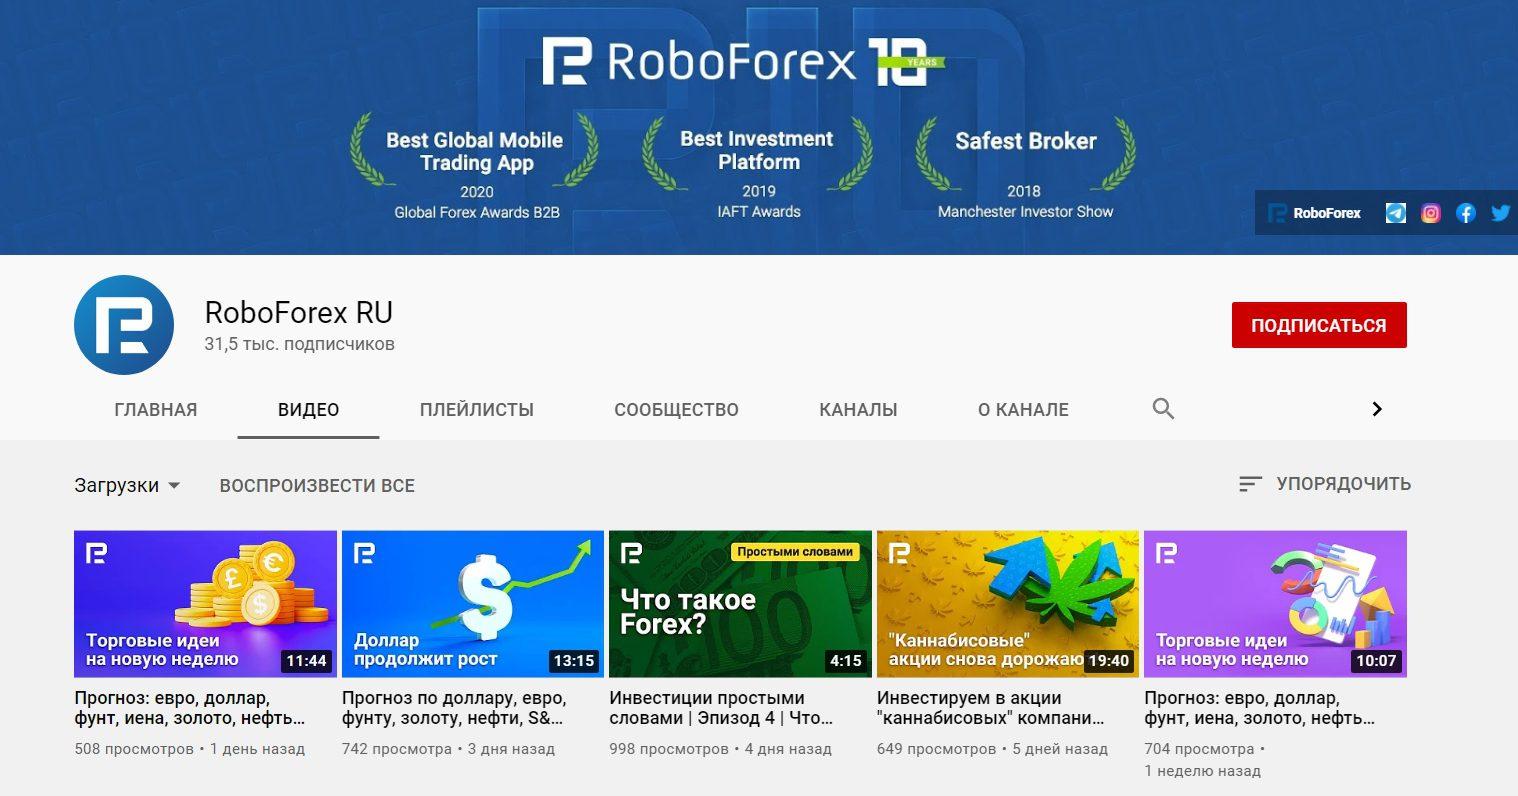 Ютуб-канал брокерской компании RoboForex